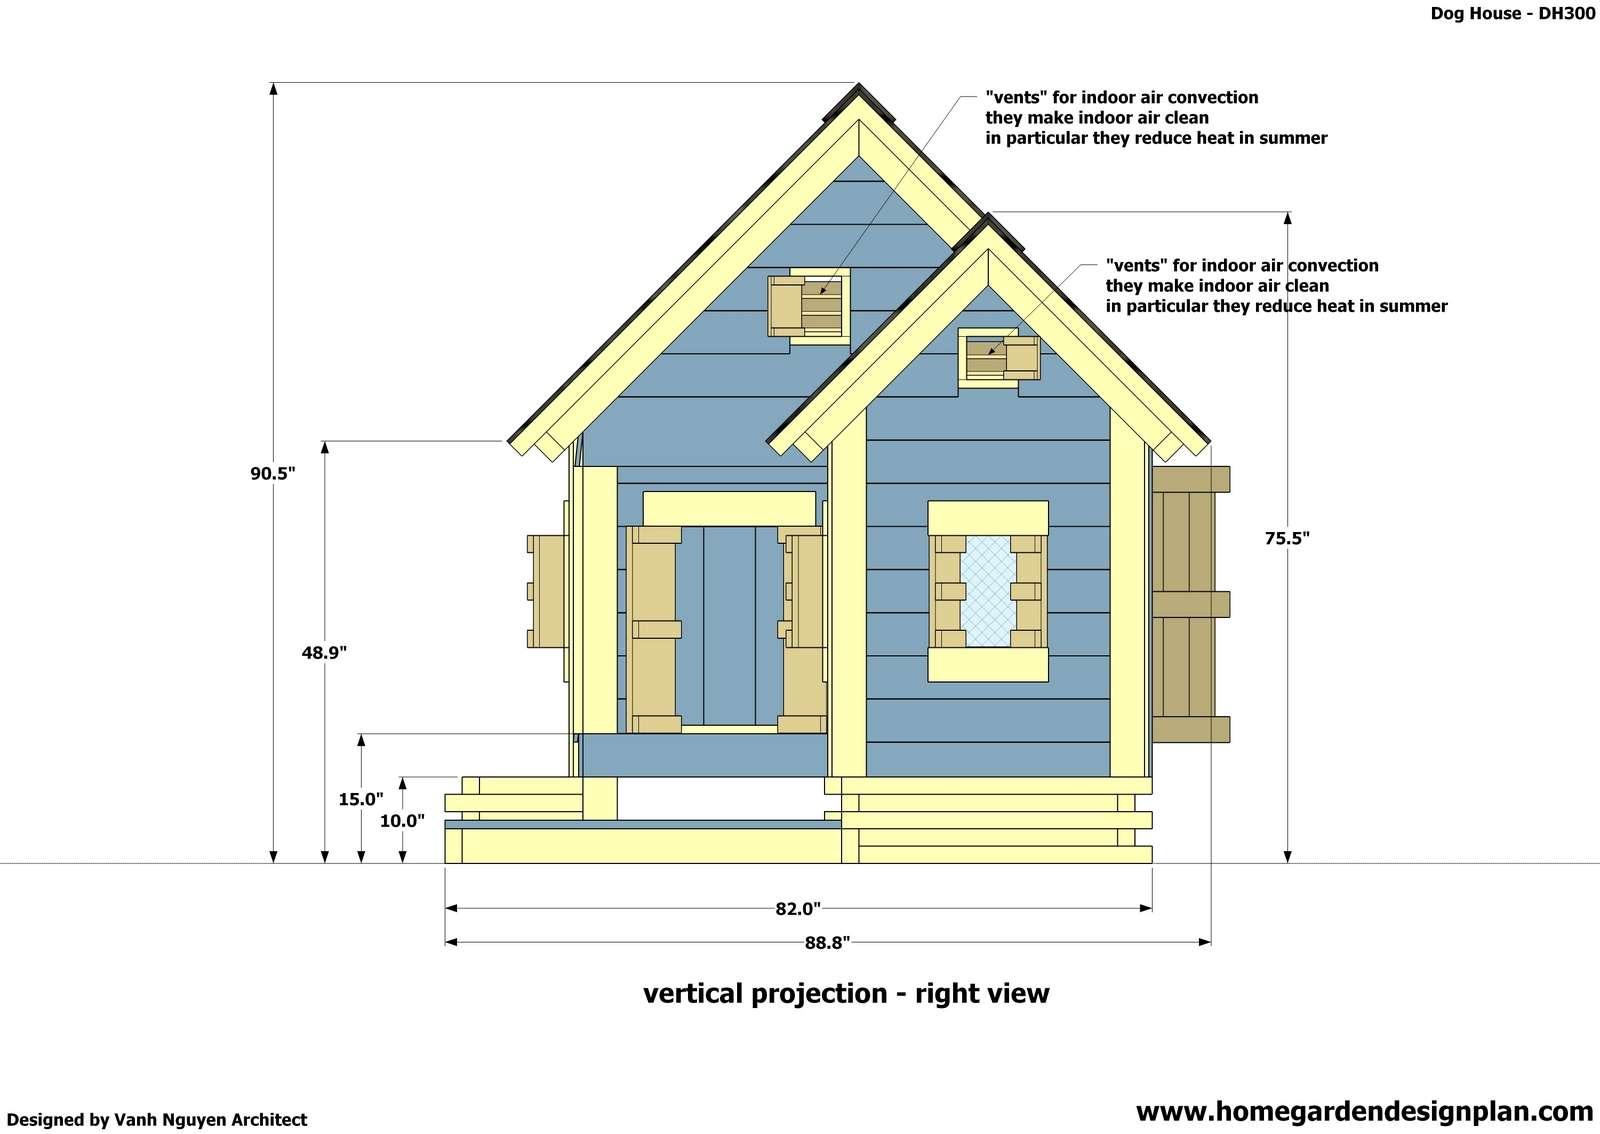 Home Garden Plans Dog House